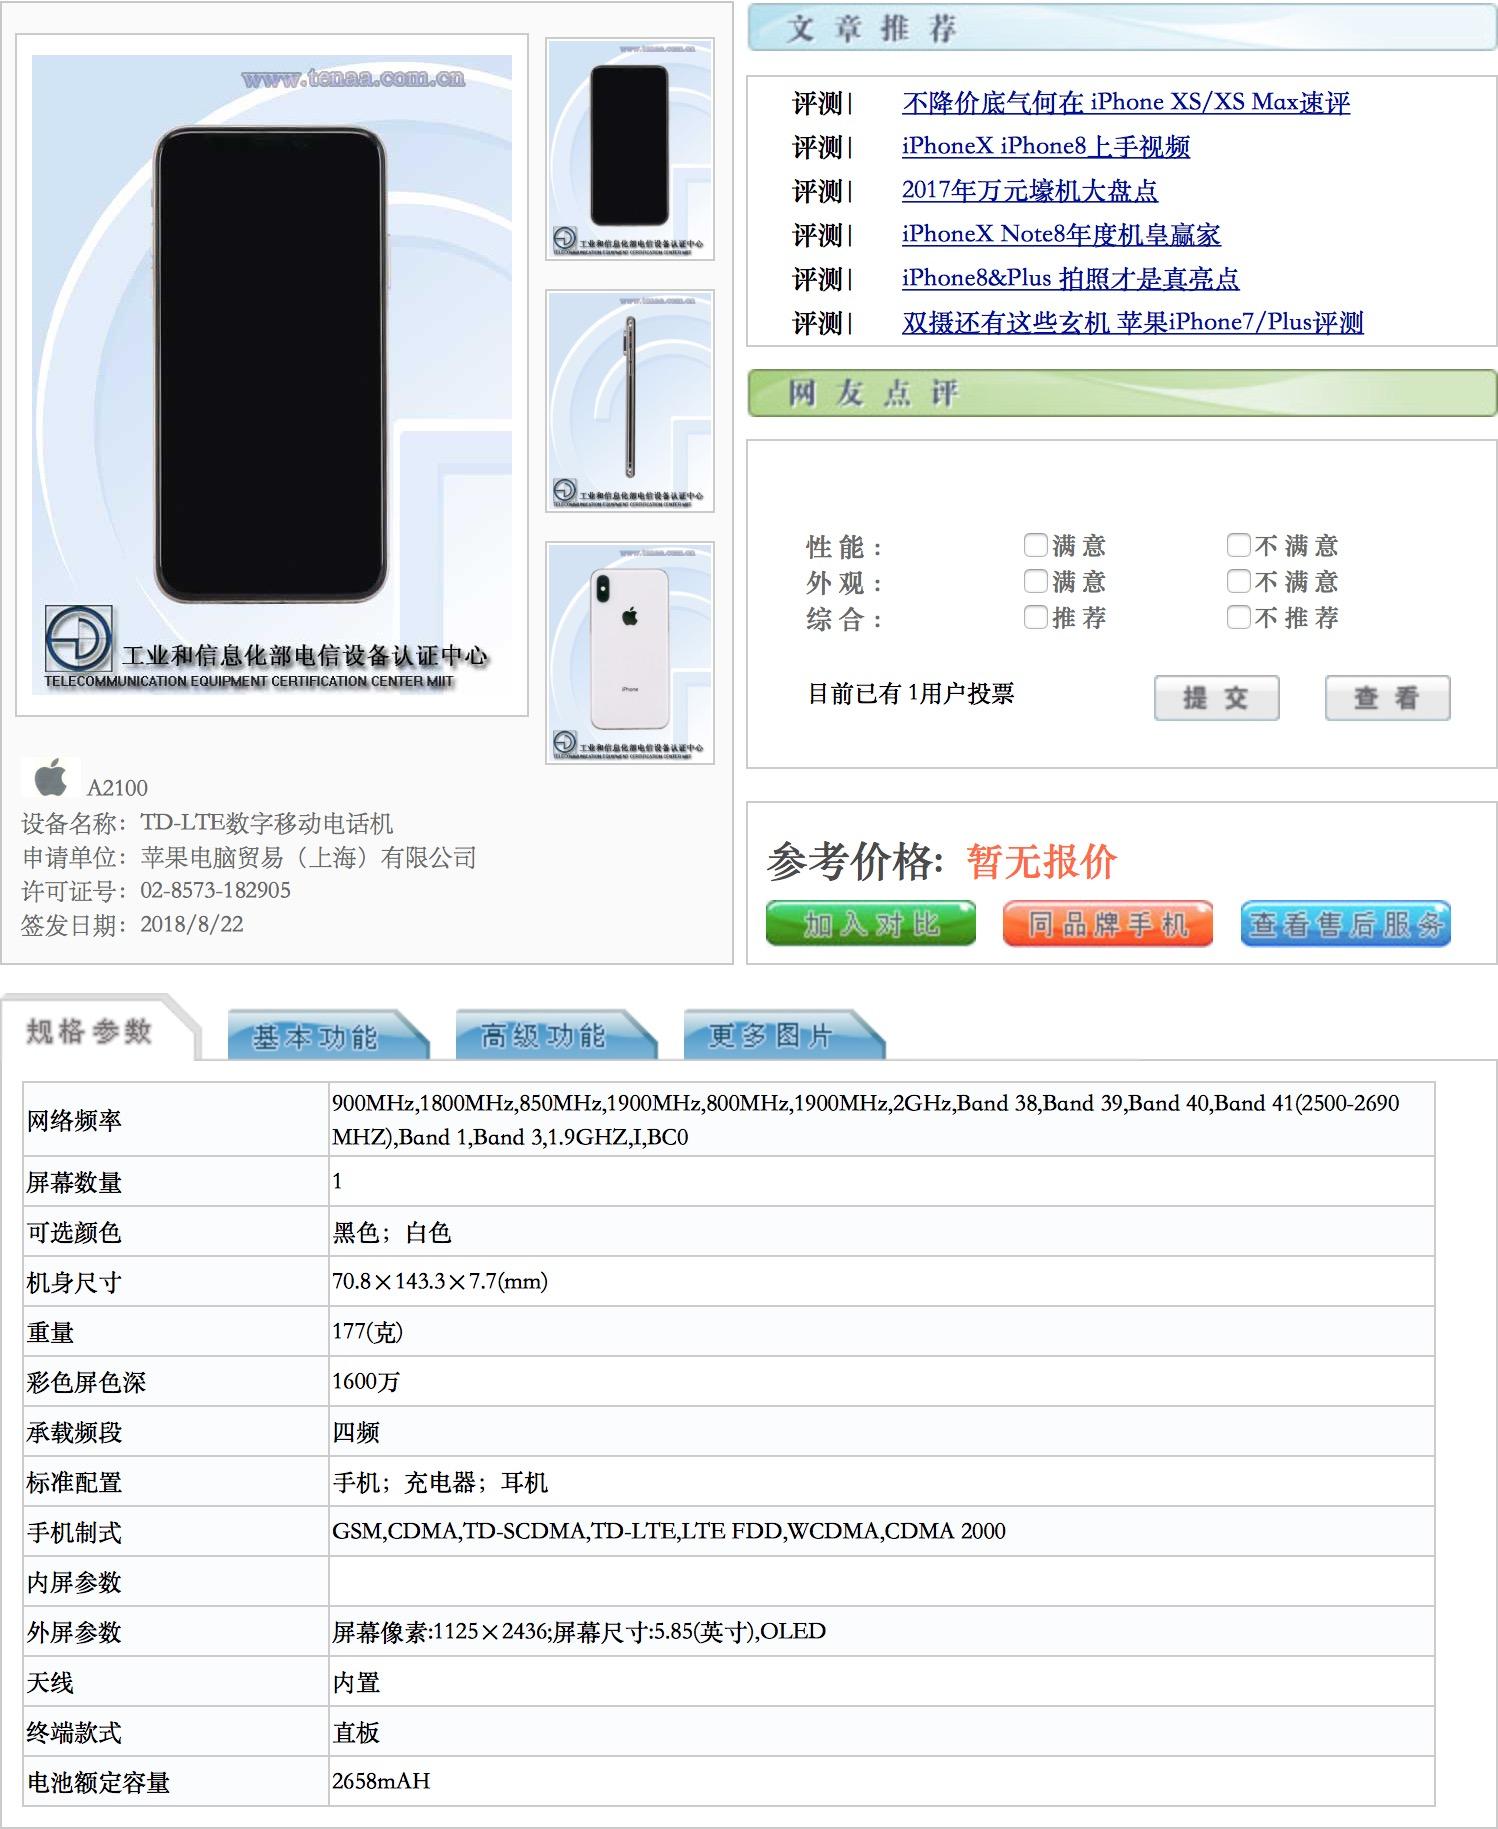 Especificações do iPhone XS